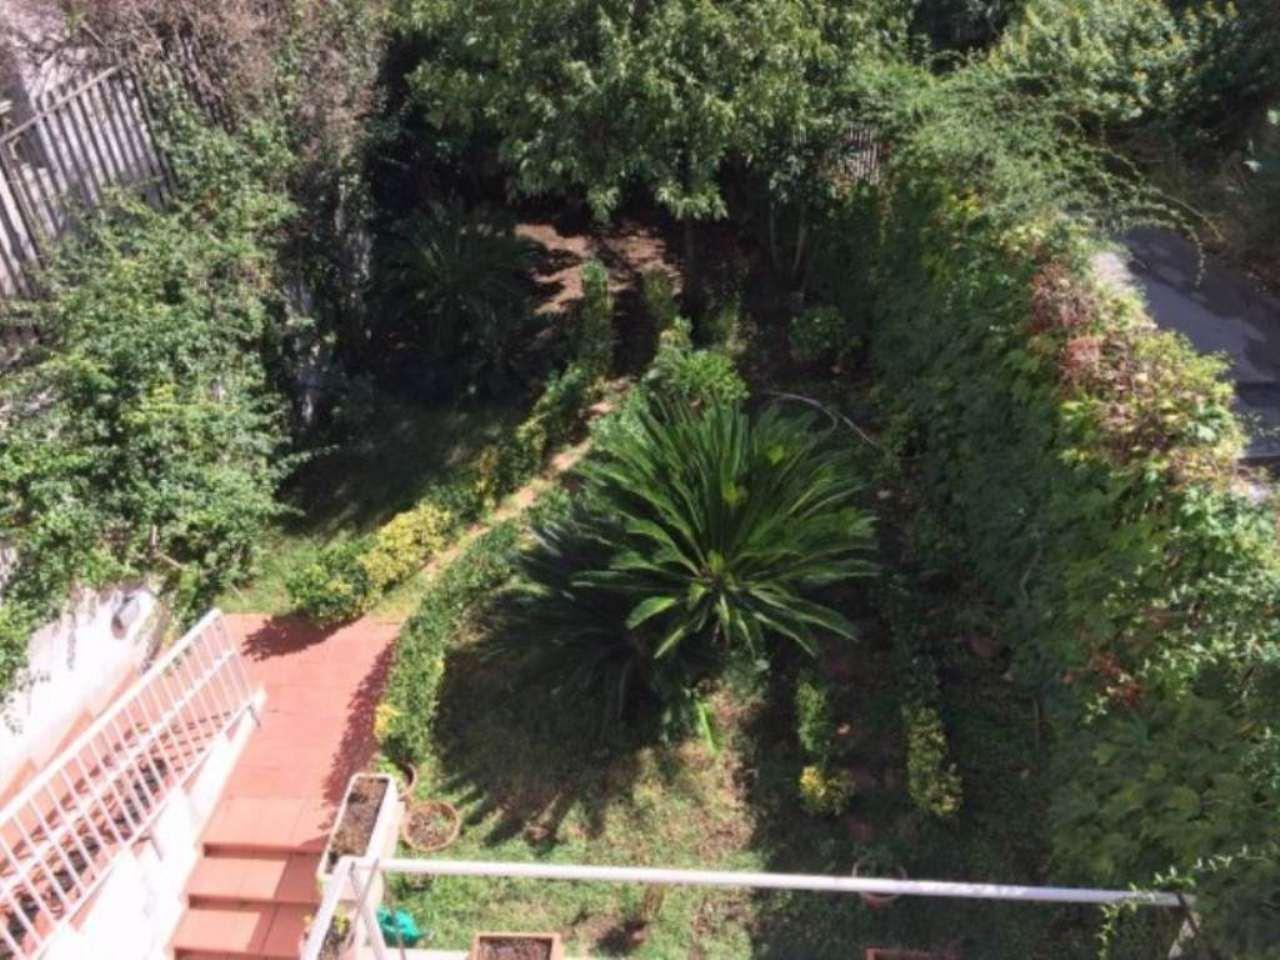 Villa in vendita a Napoli, 6 locali, zona Zona: 5 . Vomero, Arenella, prezzo € 1.500.000 | Cambio Casa.it